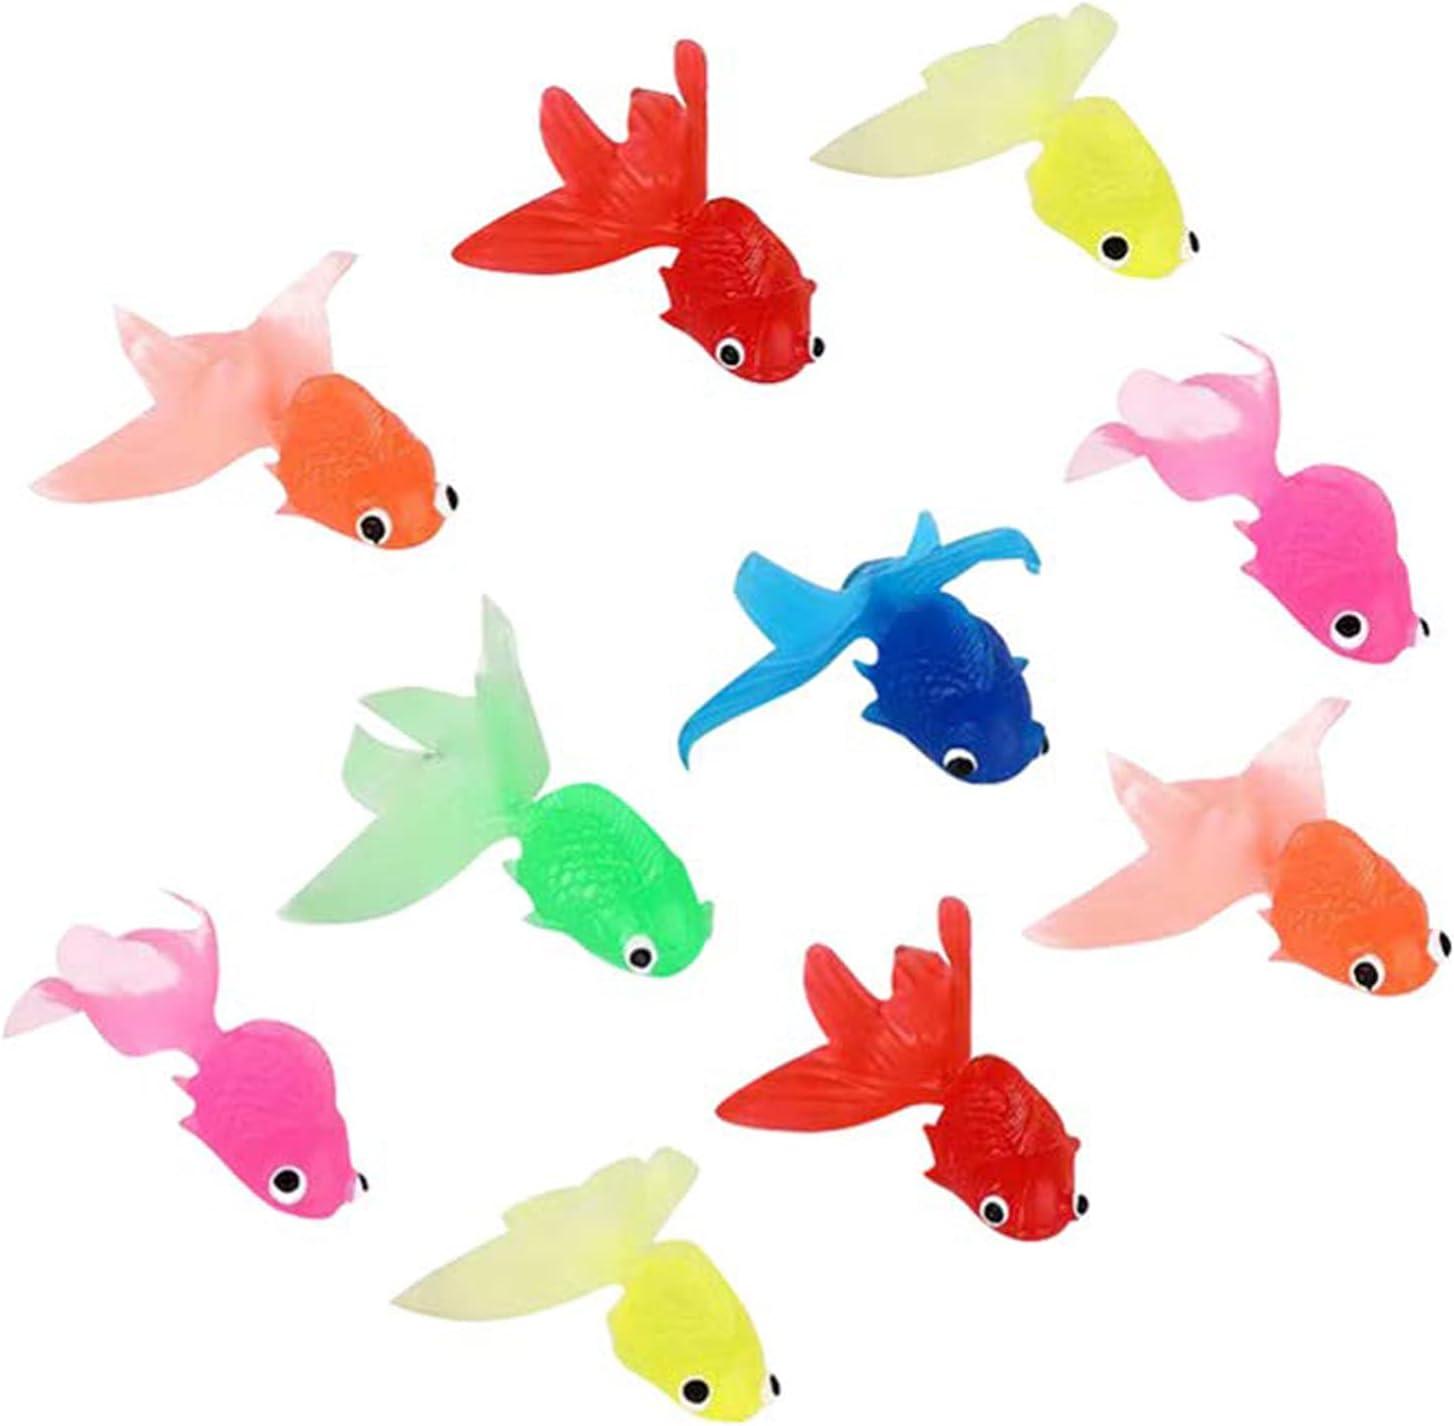 ZXWAMZ Simulazione Piccolo Pesce Rosso Simulazione di Pesci Tropicali Ornamento di Pesce Galleggiante per Acquari Decorazioni Colorate Ornamenti Paesaggistici Galleggianti 10 Pezzi (Colore Casuale)